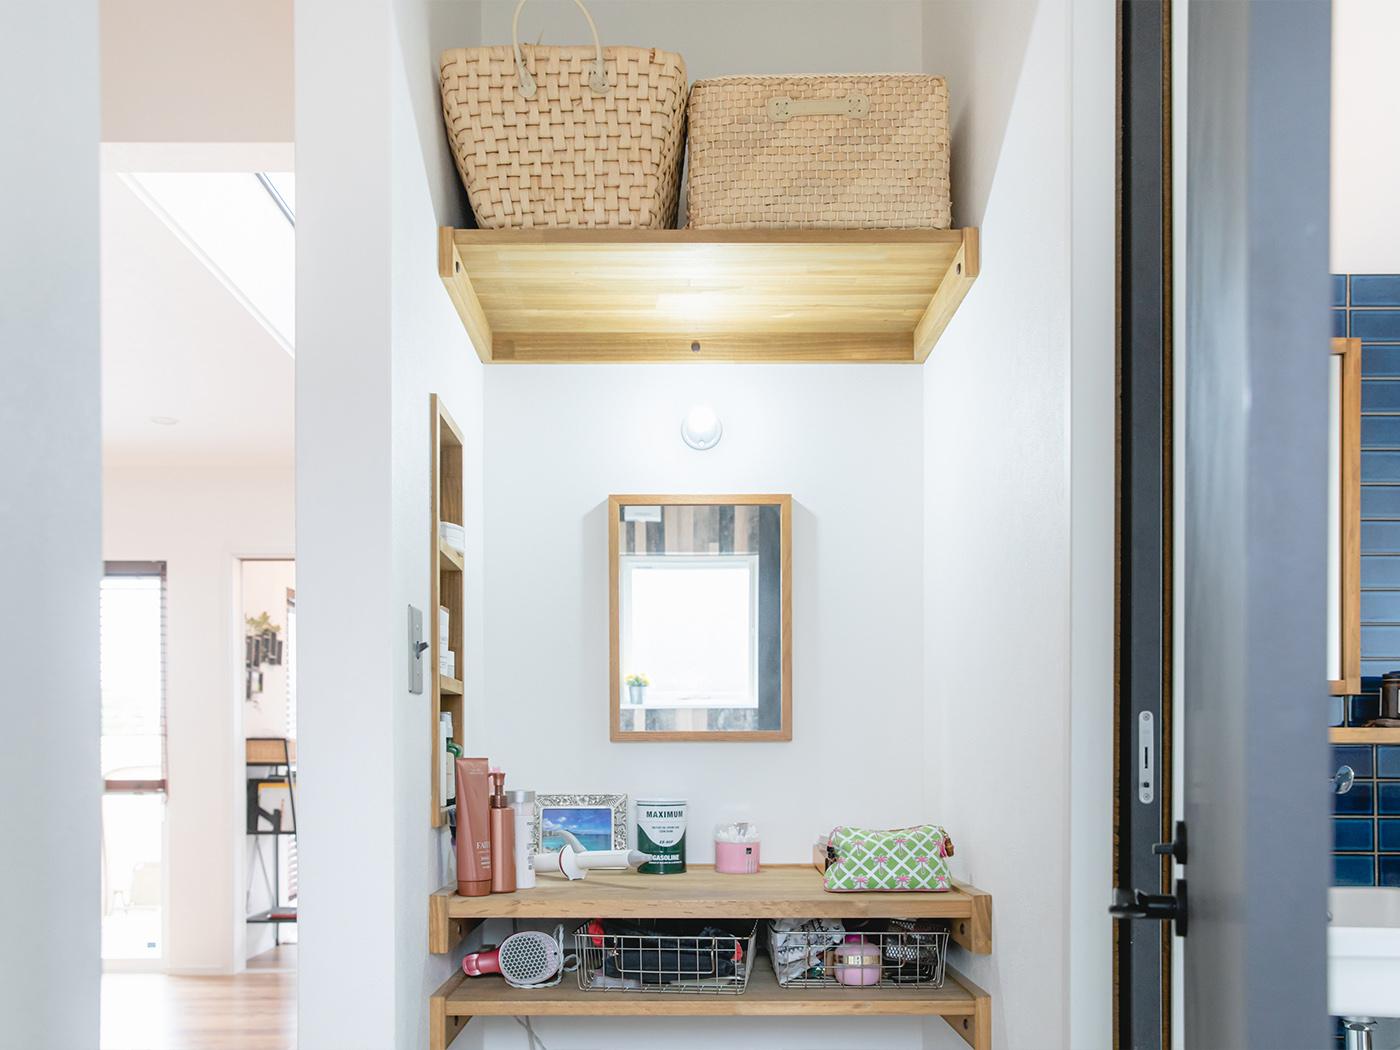 洗面所の隣には、奥さまのためのメイクスペースを確保。